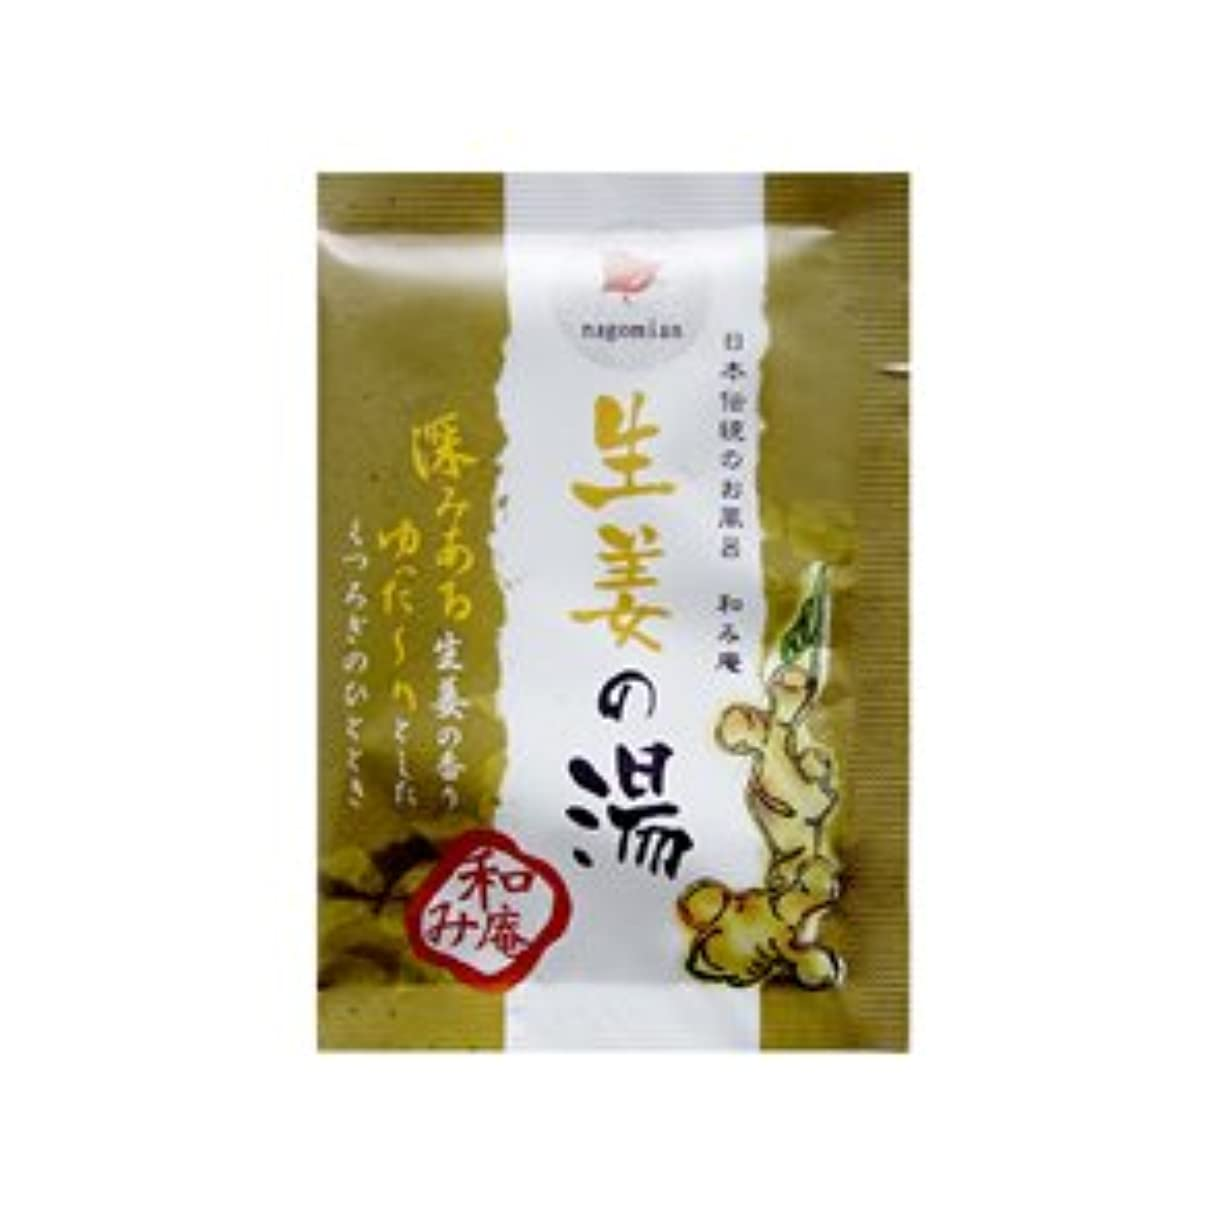 過激派エスカレーター概念日本伝統のお風呂 和み庵 生姜の湯 25g 5個セット